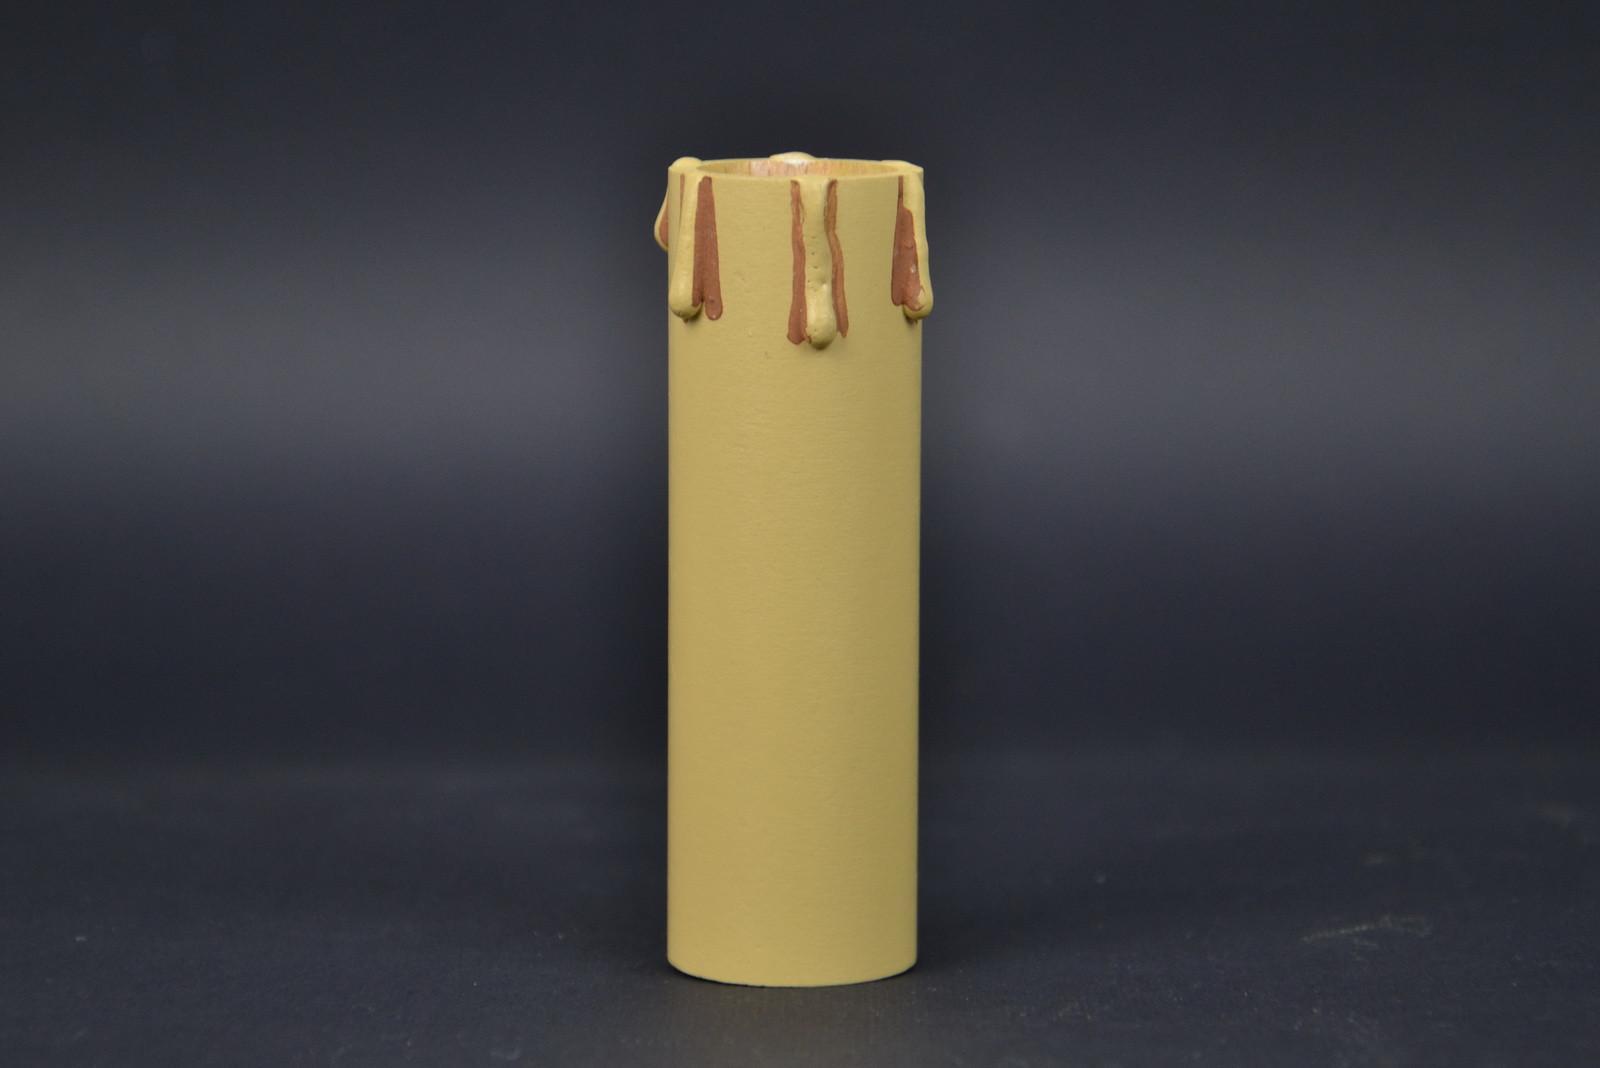 portalampade-in-legno-finta-candela-e14-avorio-8-cm-1,1862.jpg?WebbinsCacheCounter=1